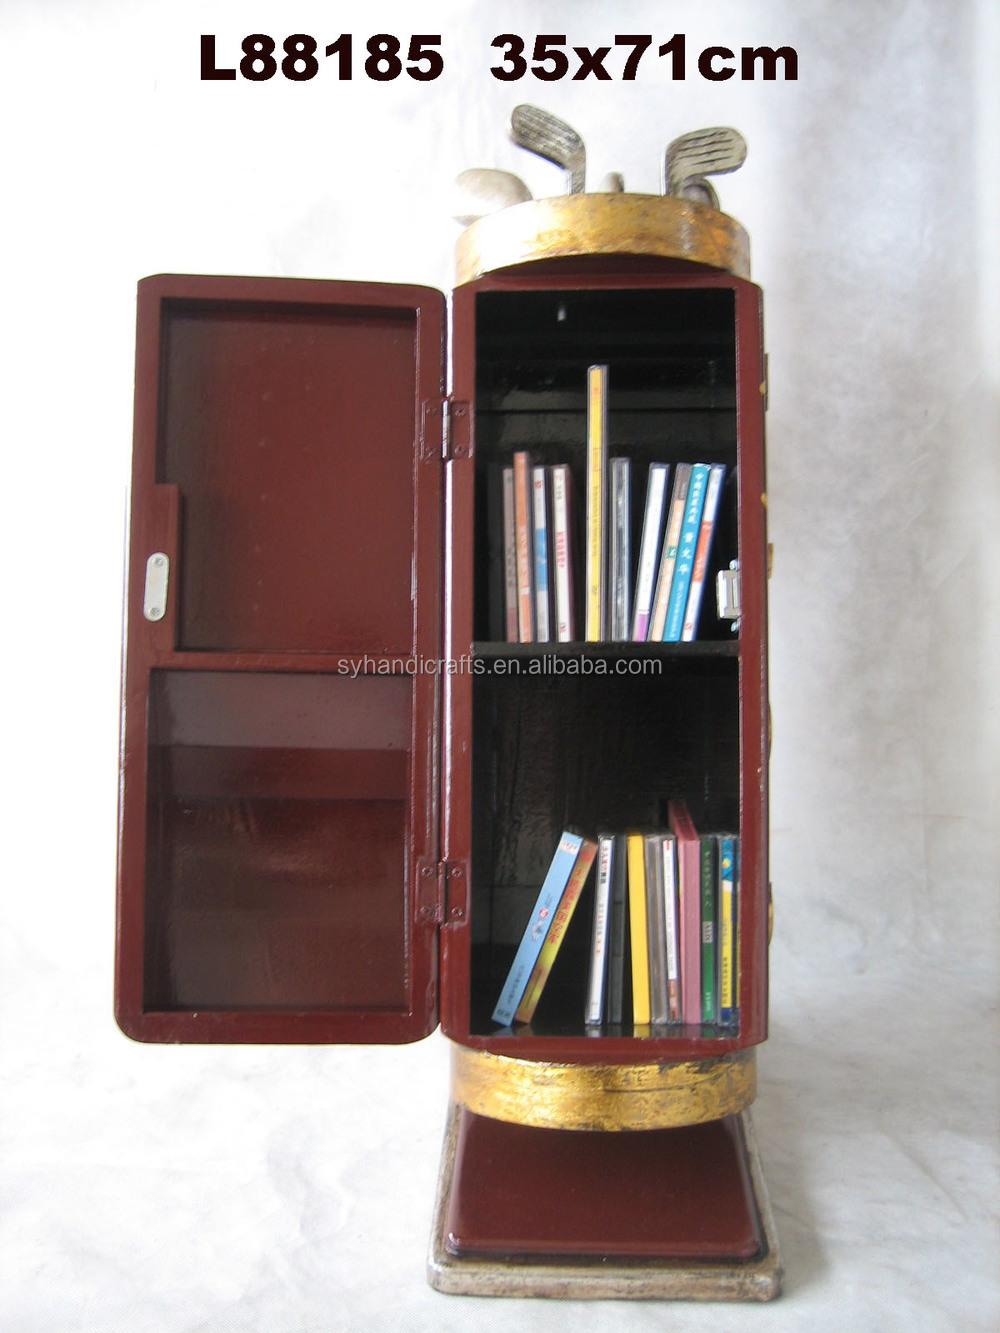 Leunen ladder boekenkast woonkamer badkamer decor, barokke stijl ...